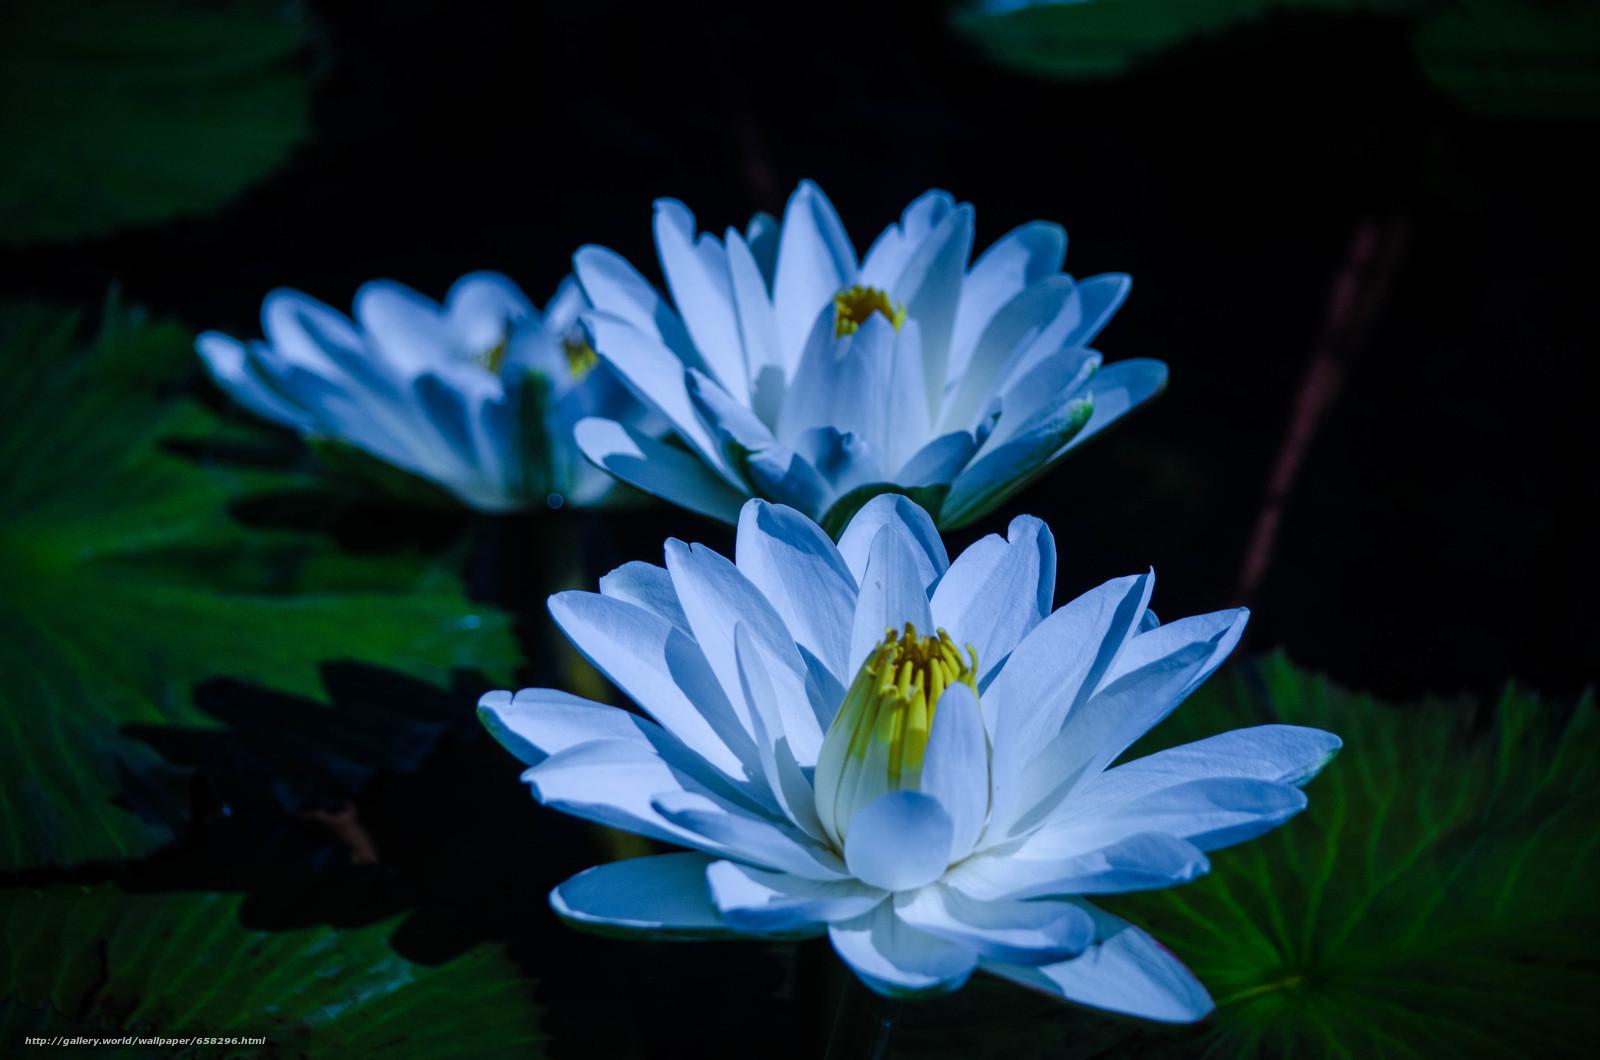 Скачать обои водяная лилия,  водяные лилии,  цветы,  флора бесплатно для рабочего стола в разрешении 4928x3264 — картинка №658296